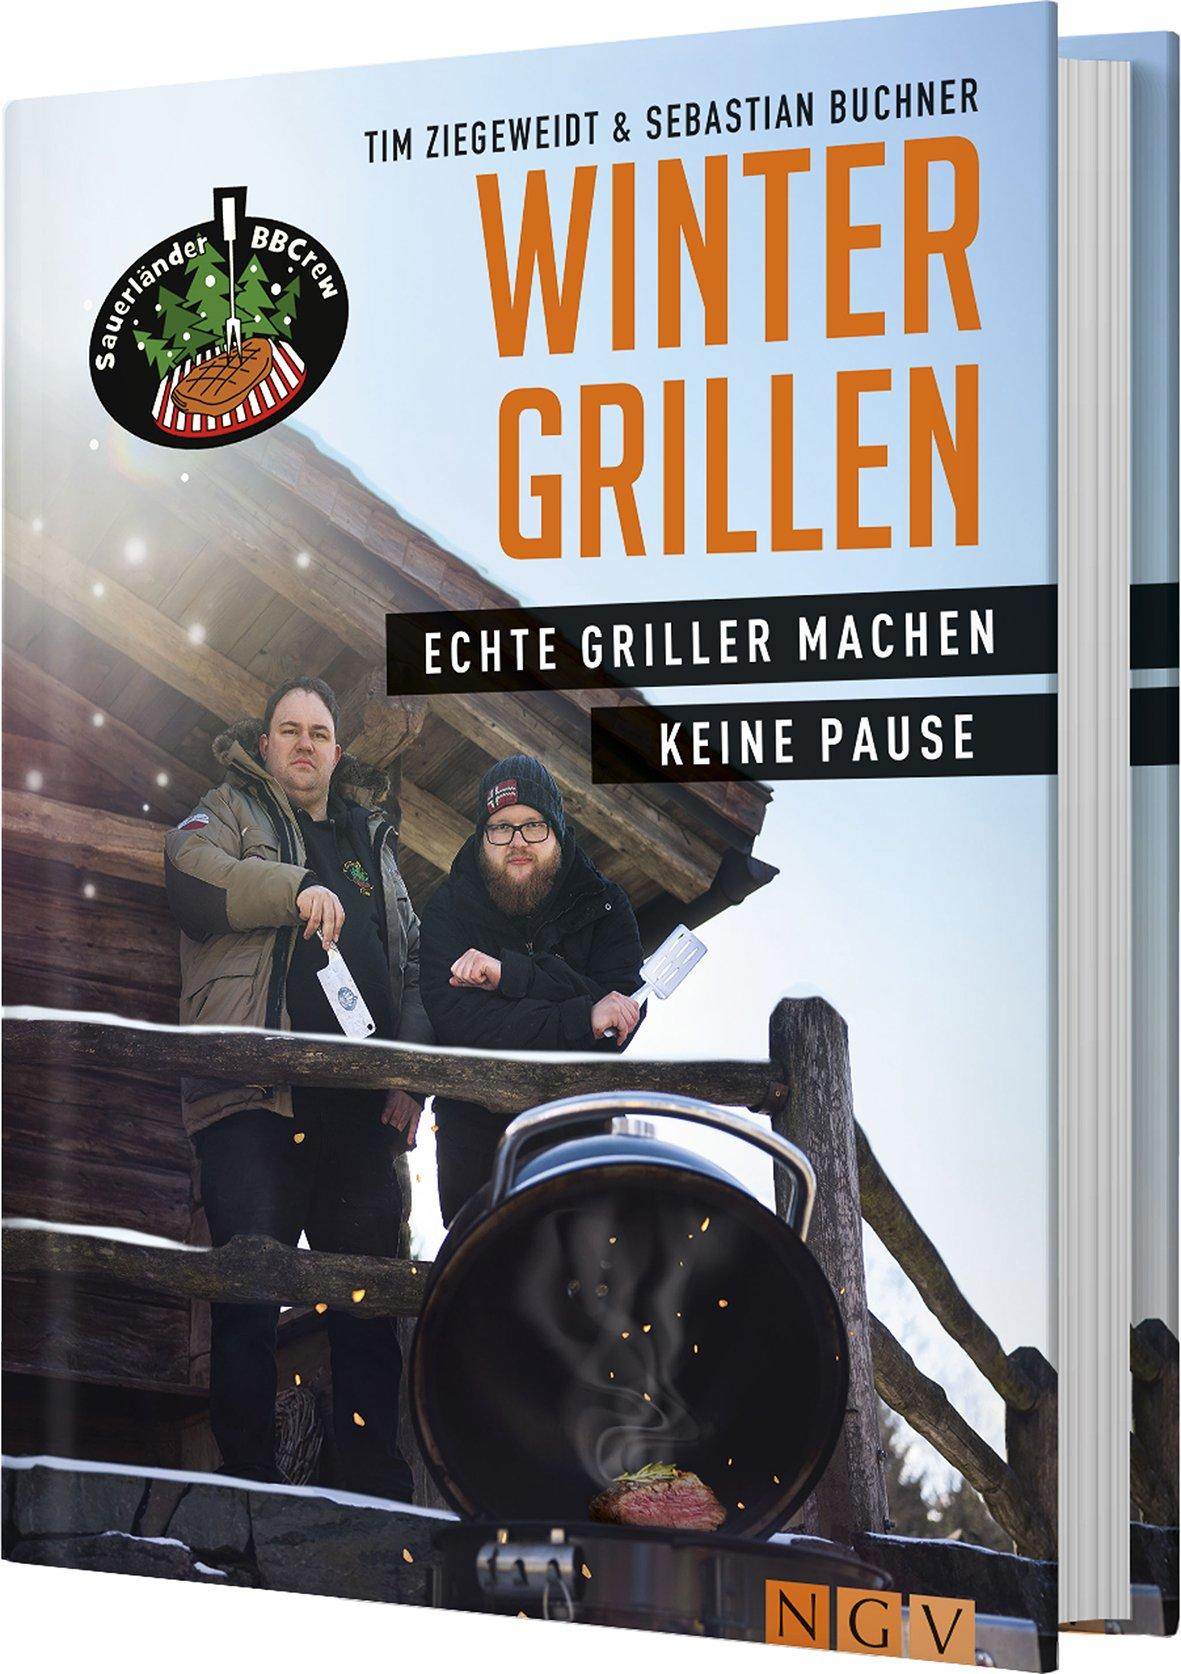 Sauerländer BBCrew Wintergrillen  Echte Griller Machen Keine Pause